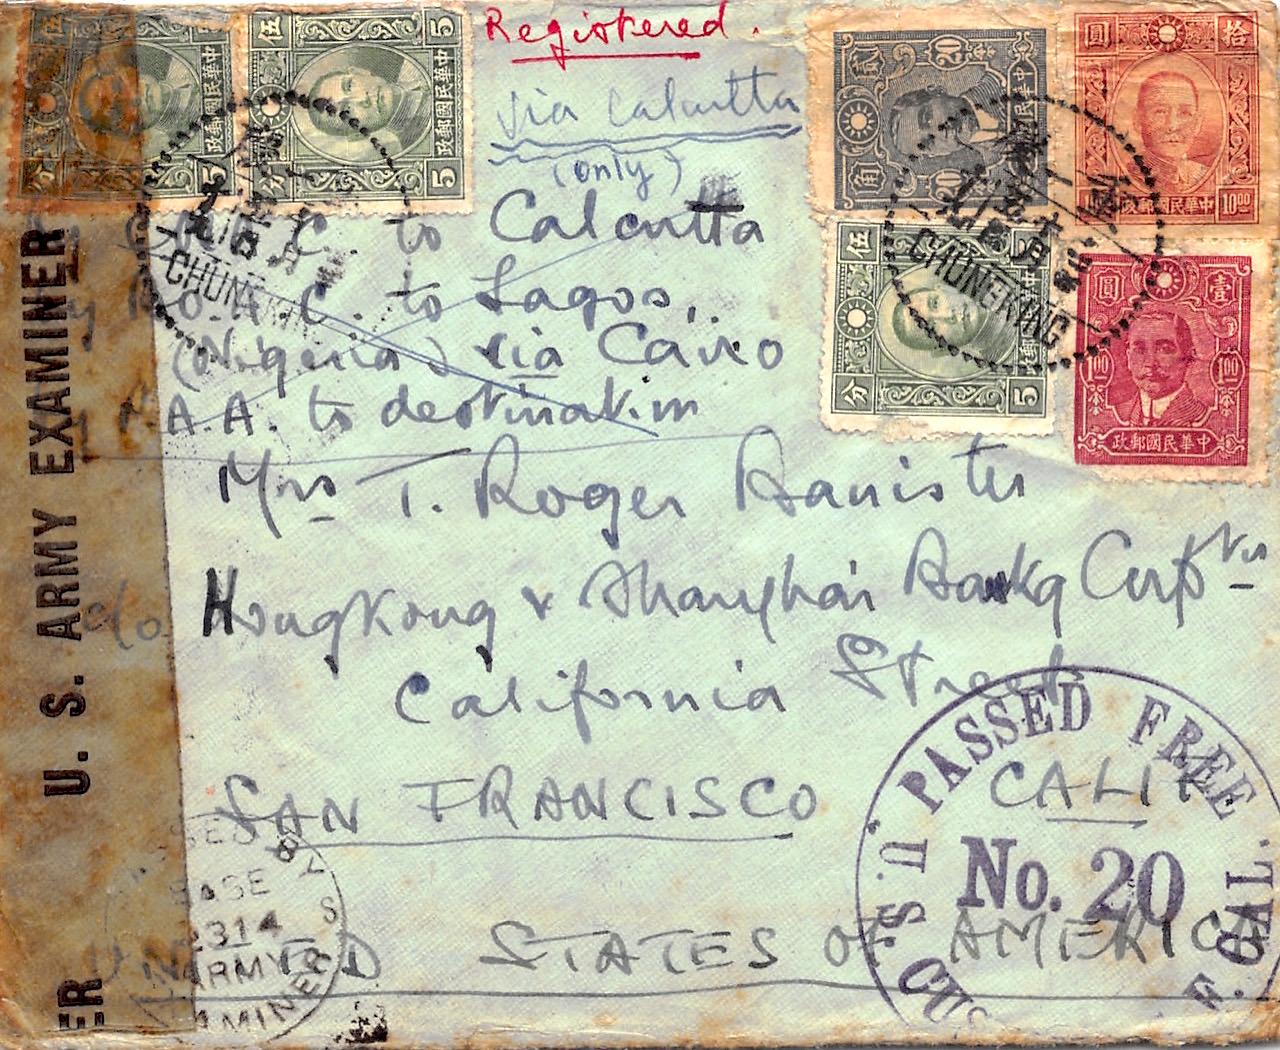 1943, doppelt zensierter Luftpost-Einschreibbrief aus Chungking nach USA mit Zollstempel